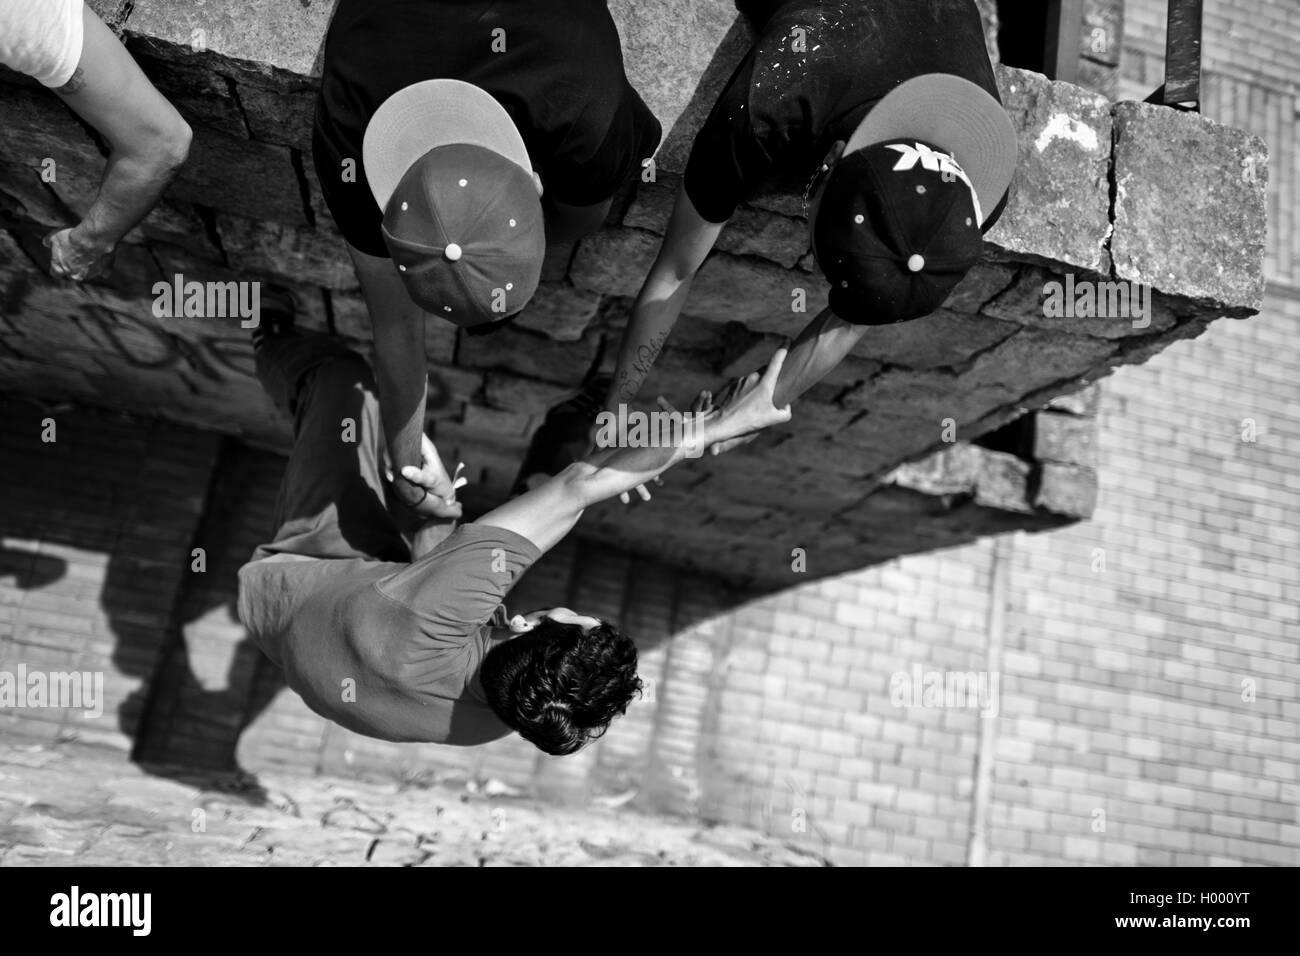 Un parkour runner, suspendu à ses copains' hands, grimpe sur le mur pendant une session de formation à Photo Stock